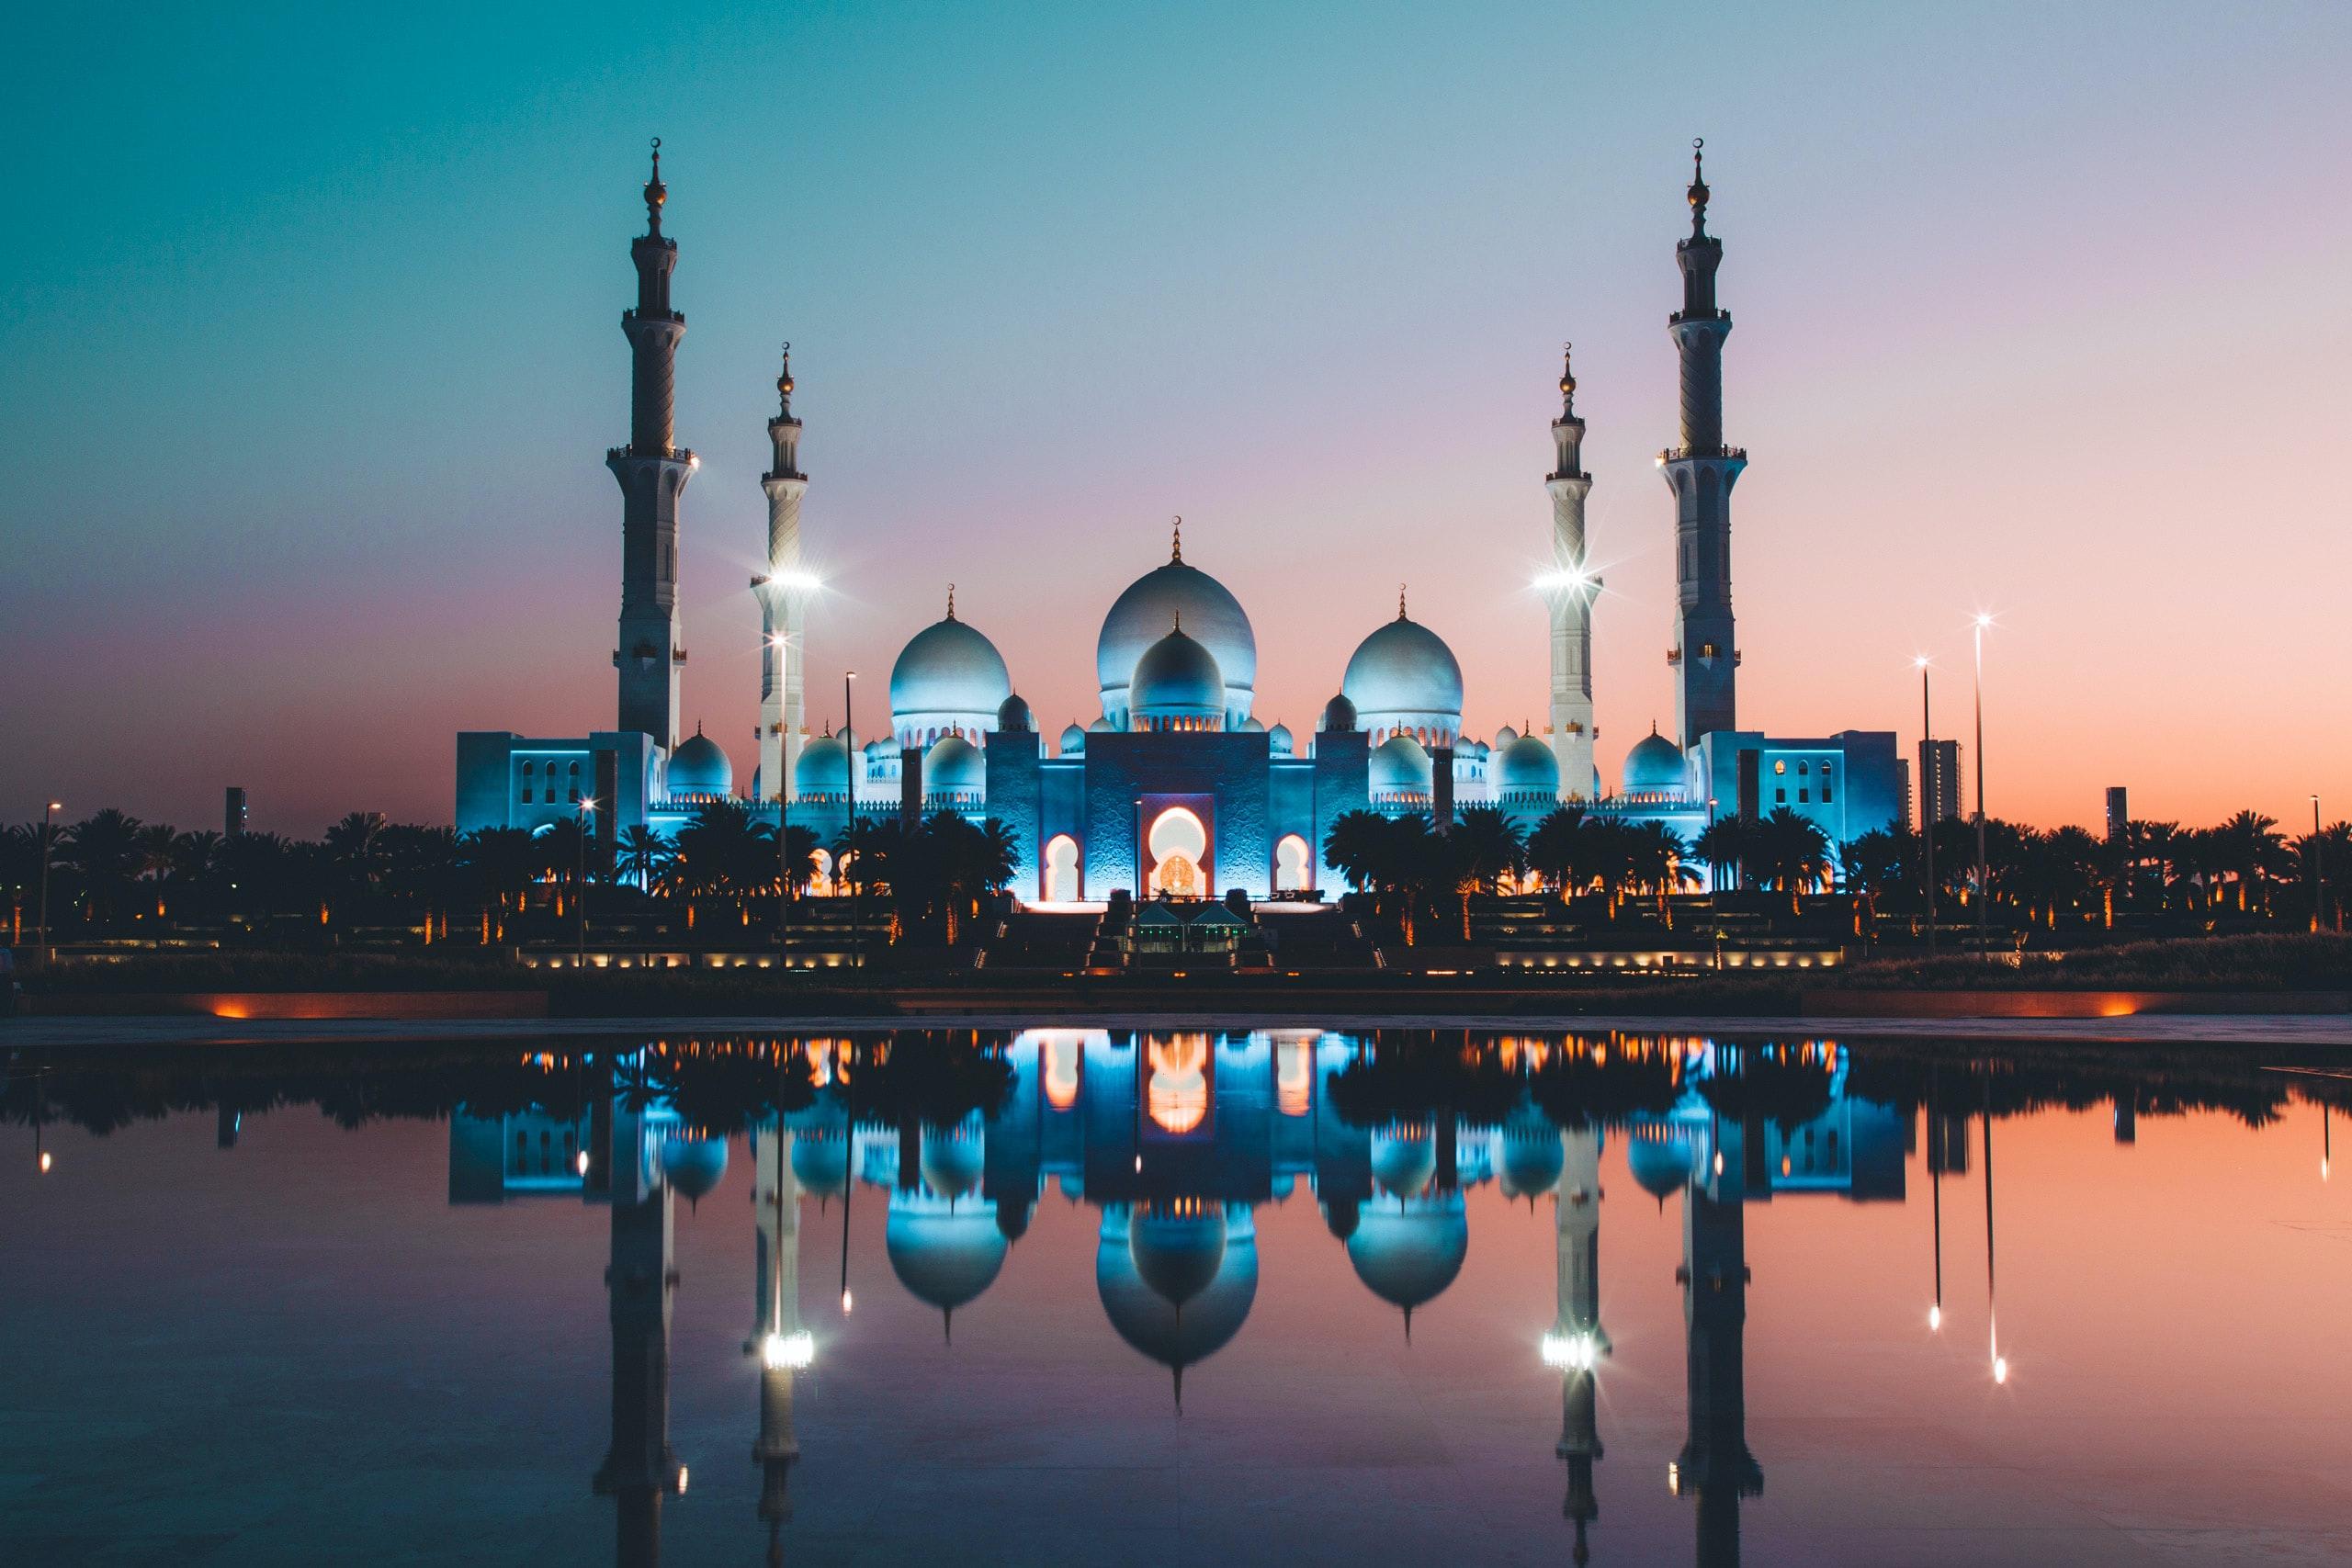 عجائب معمارية مذهلة في أبو ظبي